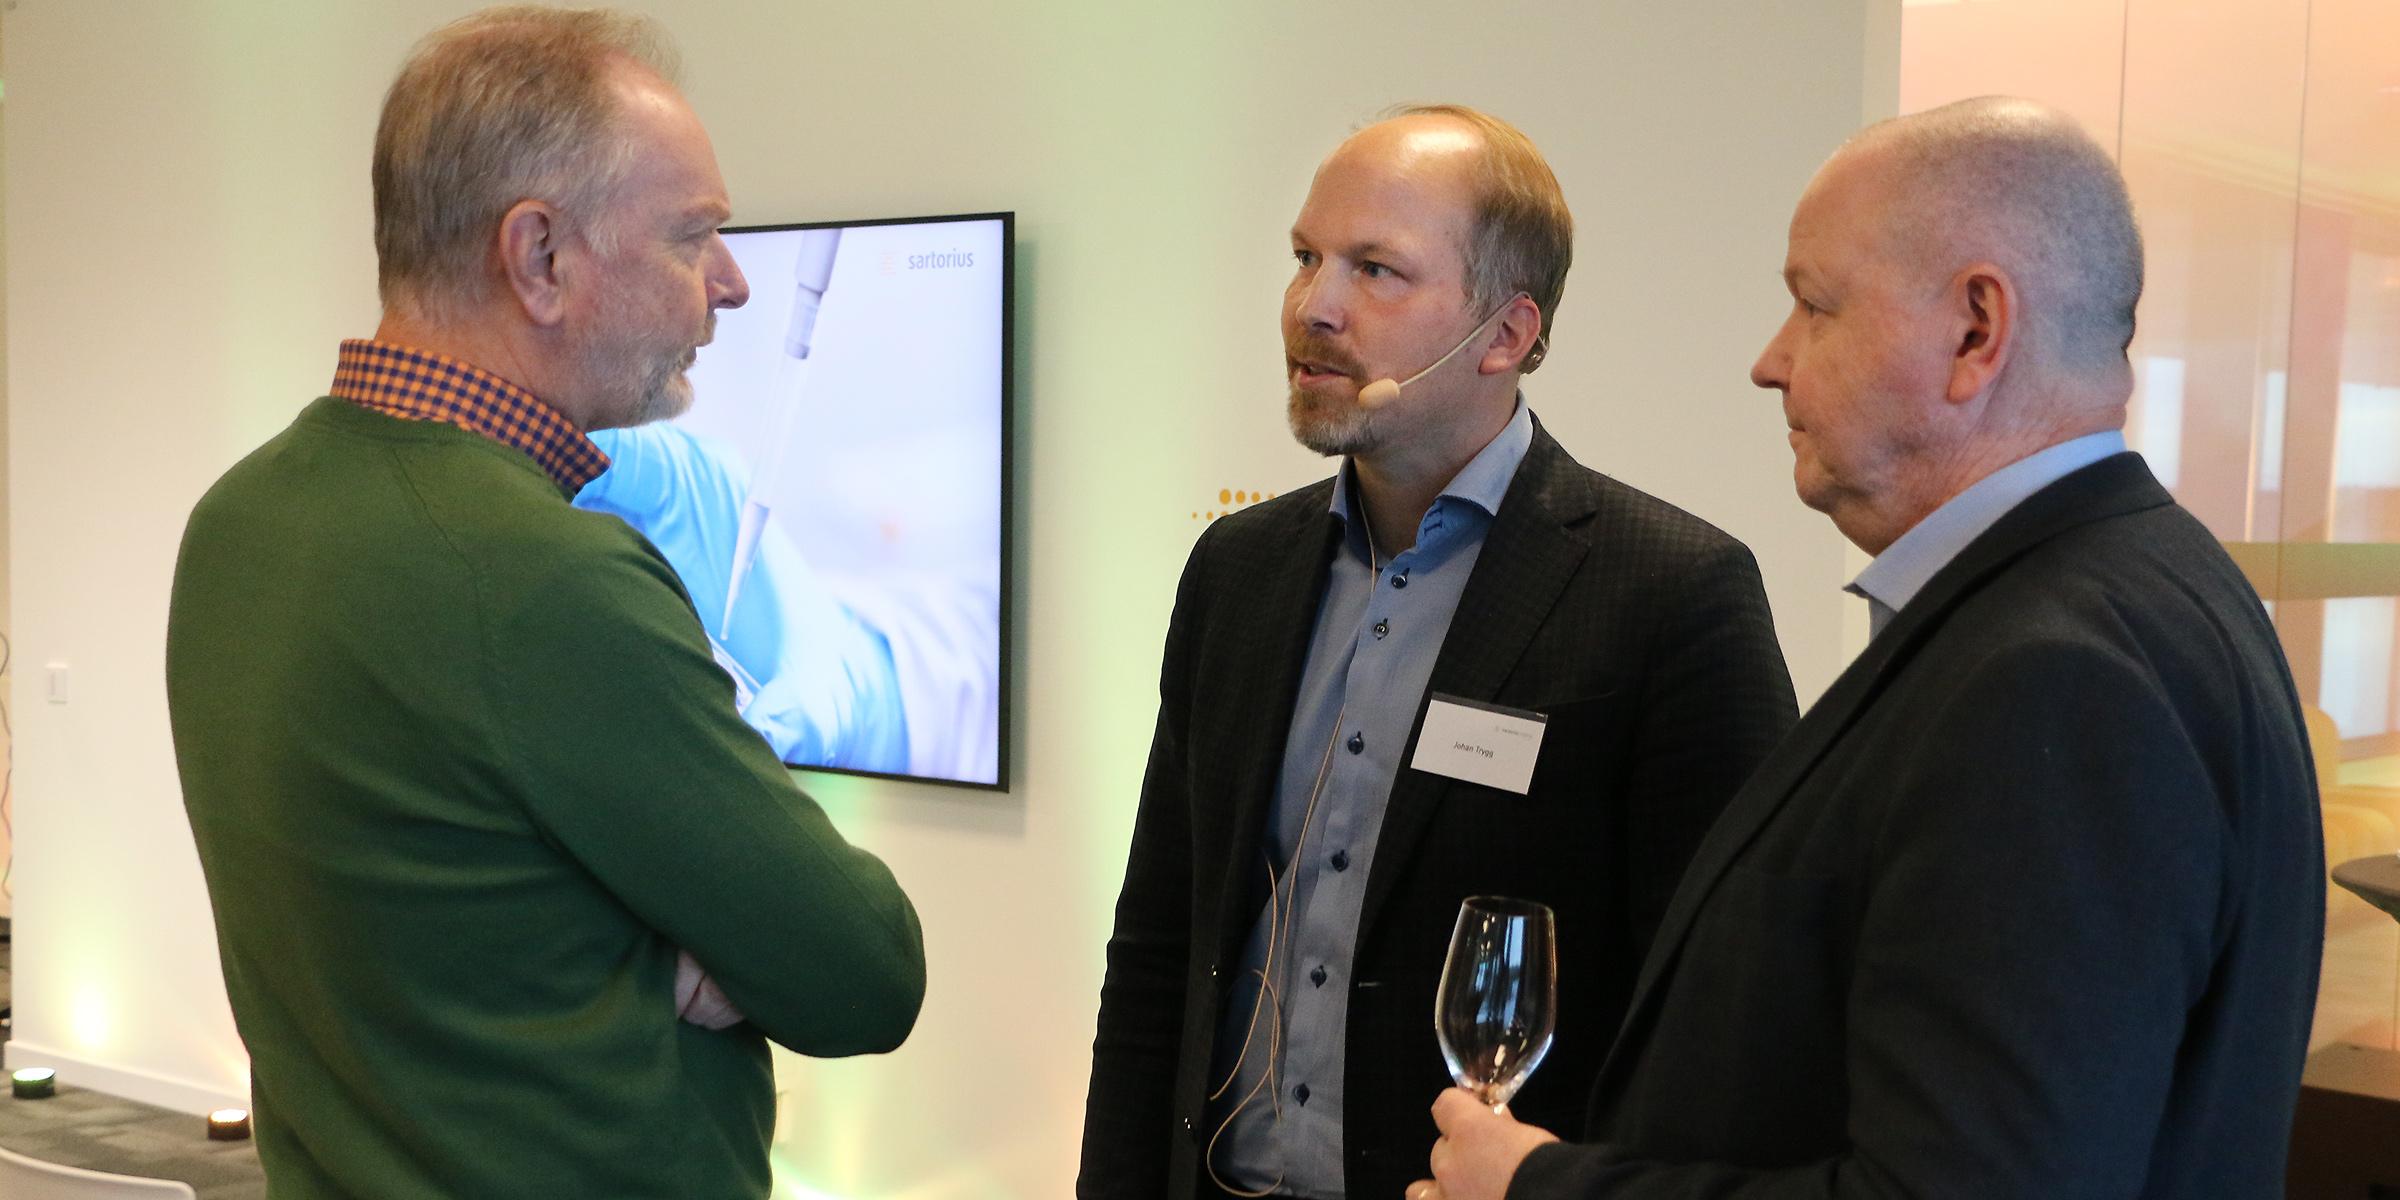 Lars Stenlund, vd för Vitec och ledamot av Umeå universitets styrelse, i samtal med Johan Trygg, forskningschef Sartorius, och Hans Adolfsson, rektor Umeå universitet.